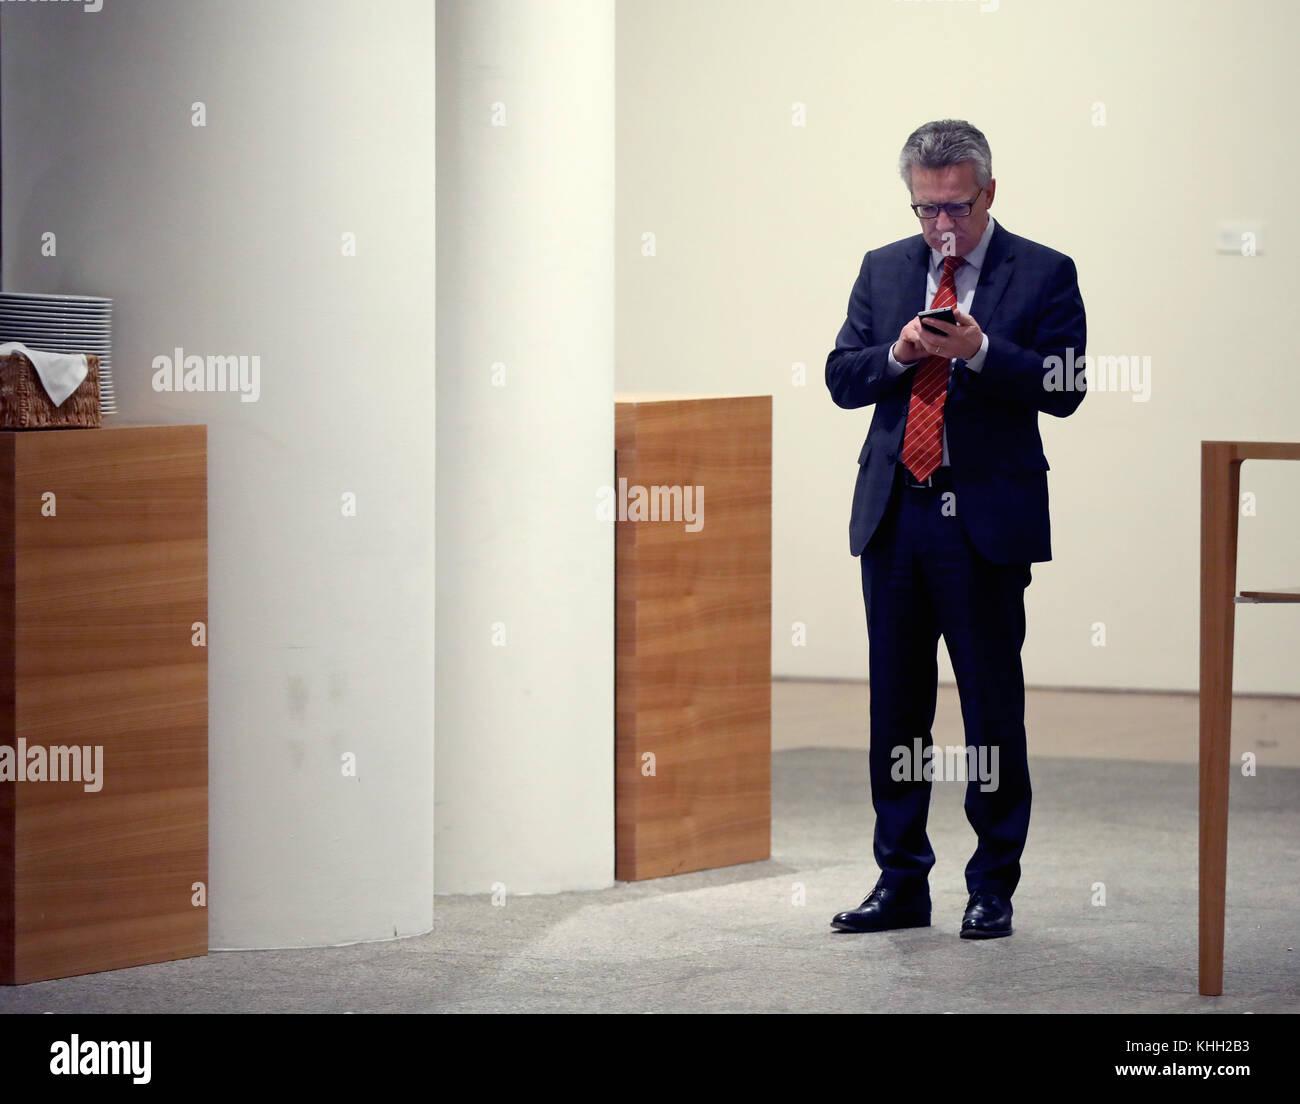 Berlin, Deutschland. 19 Nov, 2017. Die deutschen Innenminister Thomas de Maizière (CDU) in der Flur der Vertretung Stockbild